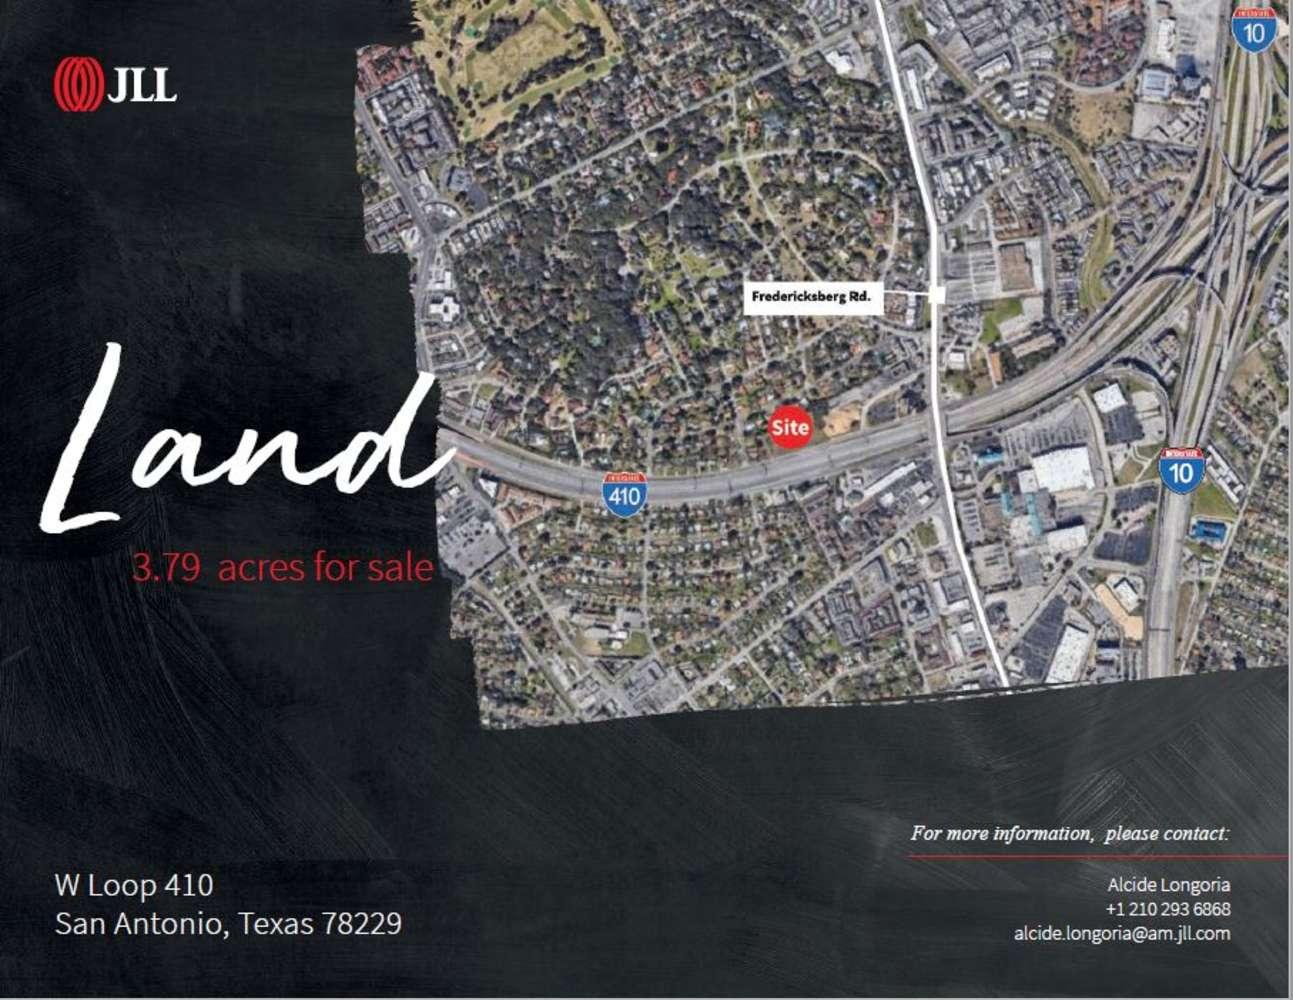 Land San antonio, 78229 - West Loop 410